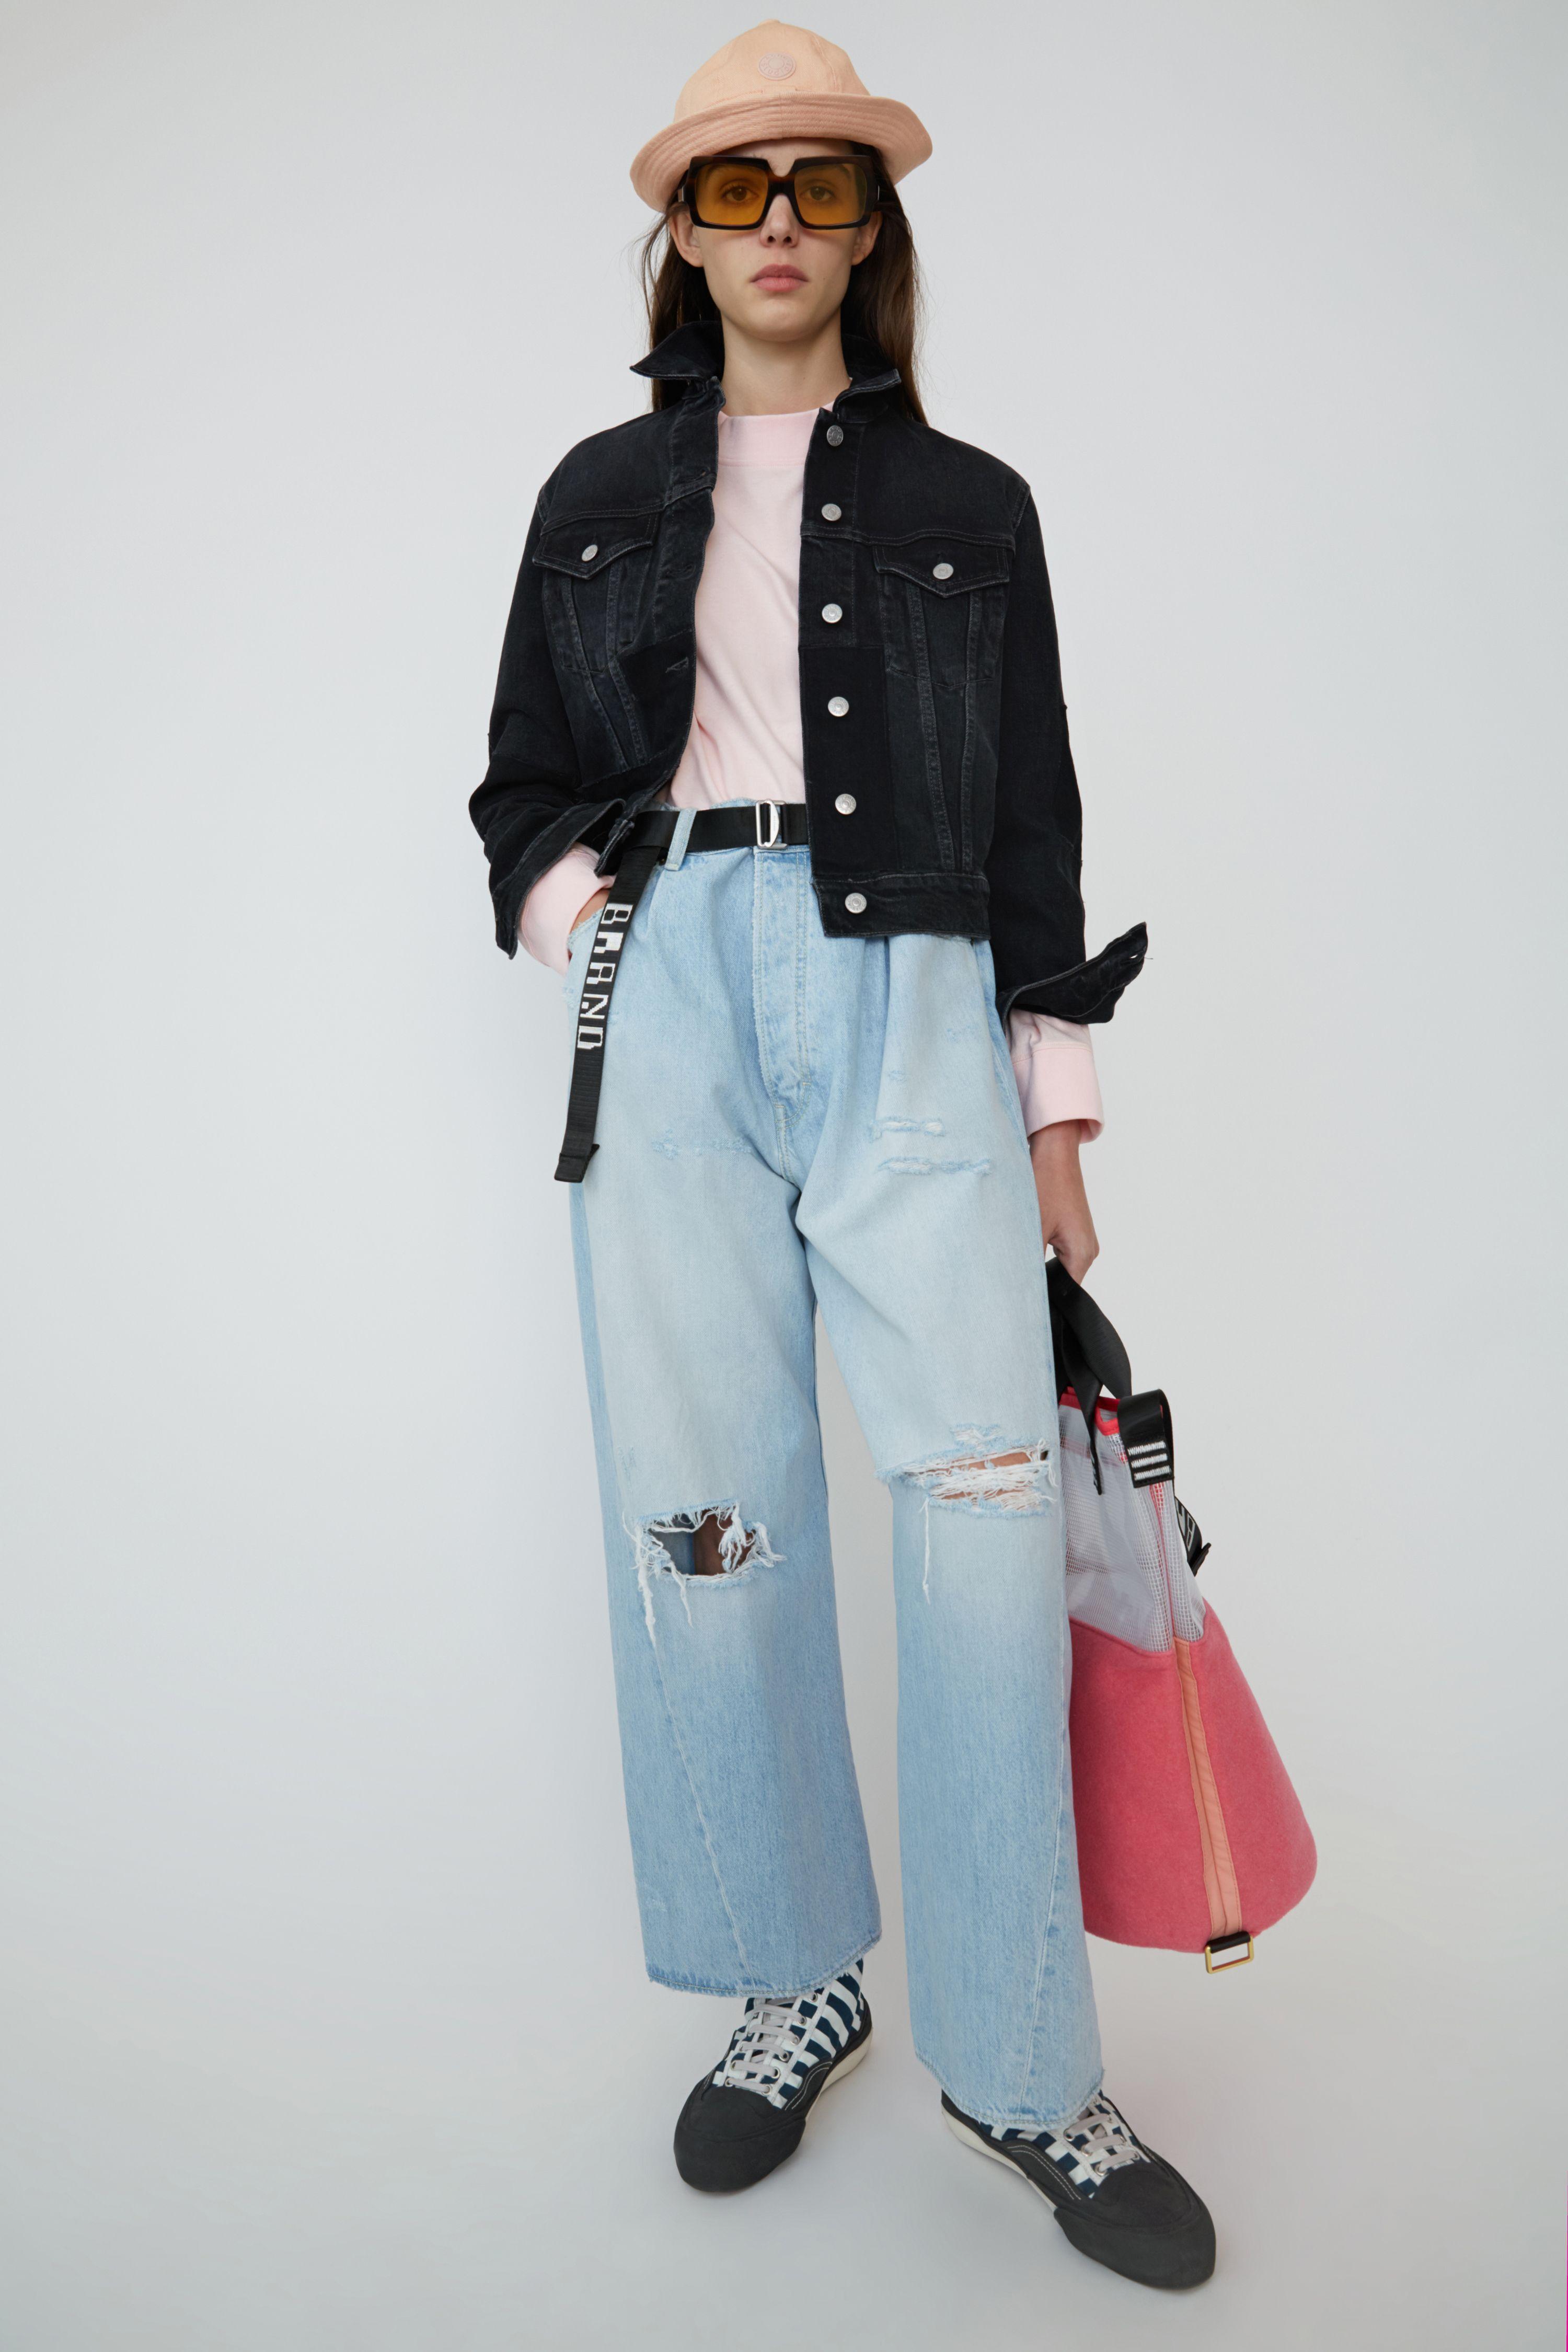 giacche di jeans 2019, giubbotti di jeans, jeans moda primavera estate 2019, jeans primavera estate 2019, denim 2019, denim primavera estate 2019, giacche di jeans vintage